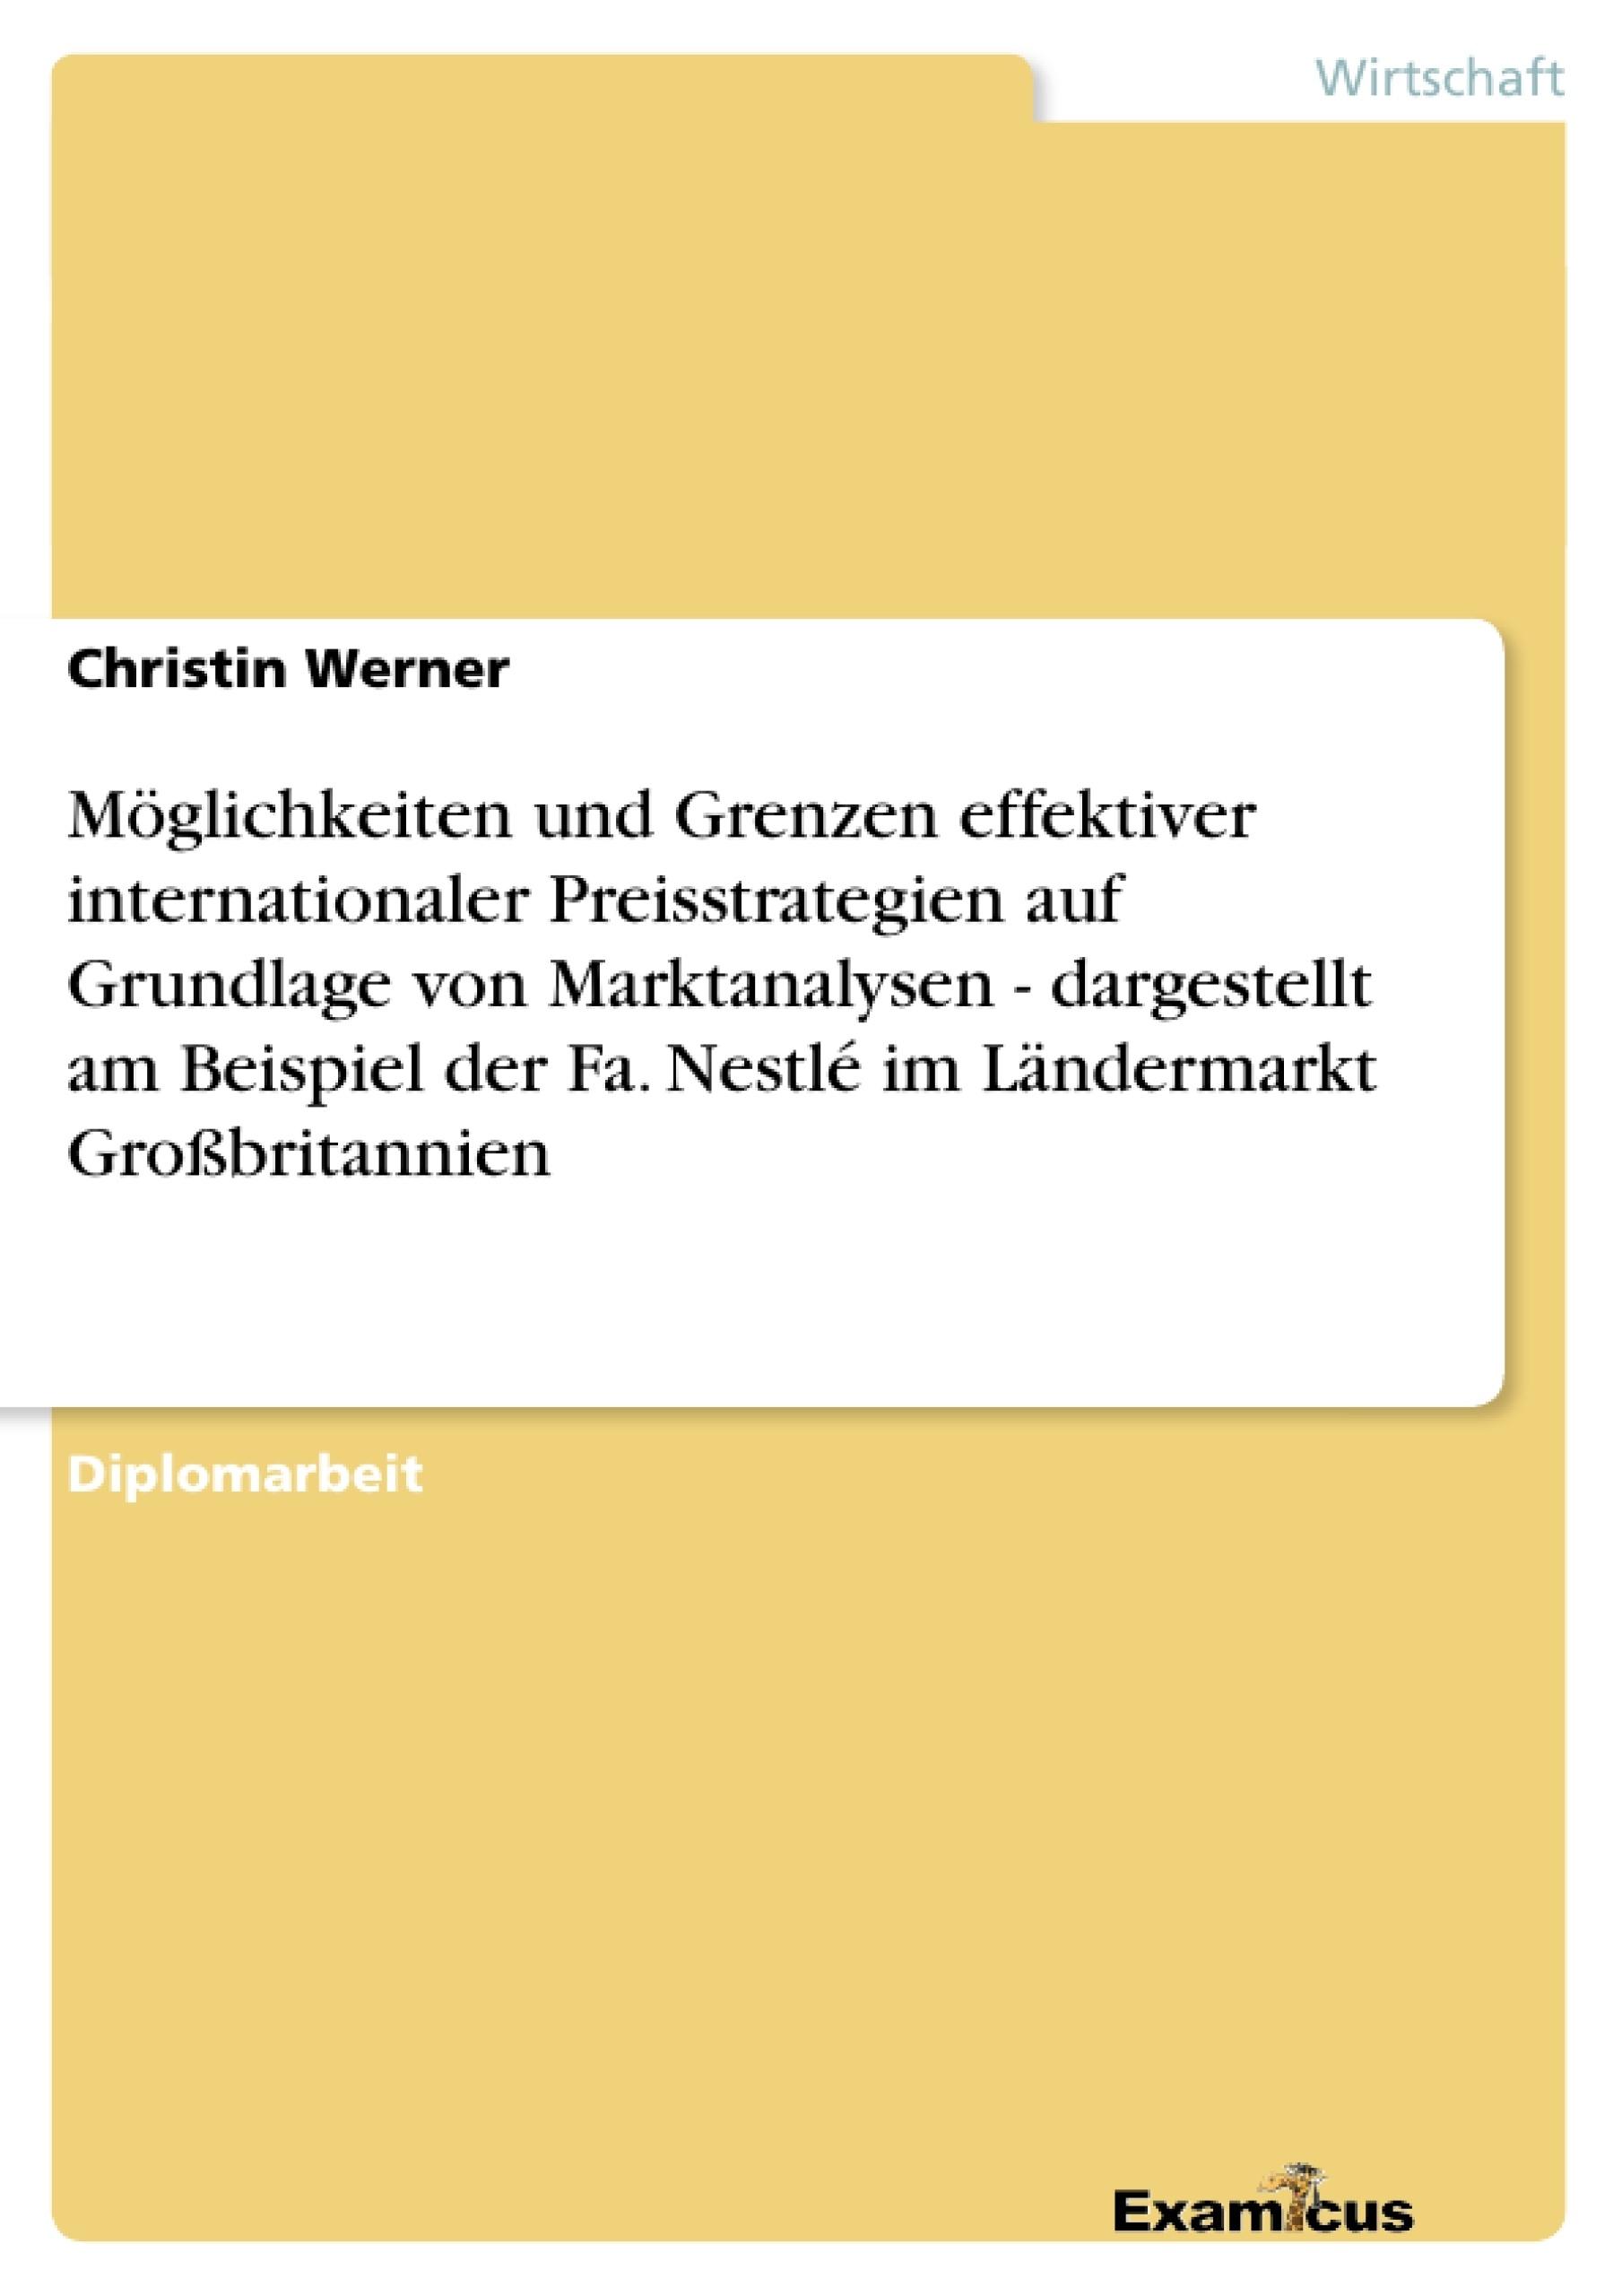 Titel: Möglichkeiten und Grenzen effektiver internationaler Preisstrategien auf Grundlage von Marktanalysen - dargestellt am Beispiel der Fa. Nestlé im Ländermarkt Großbritannien